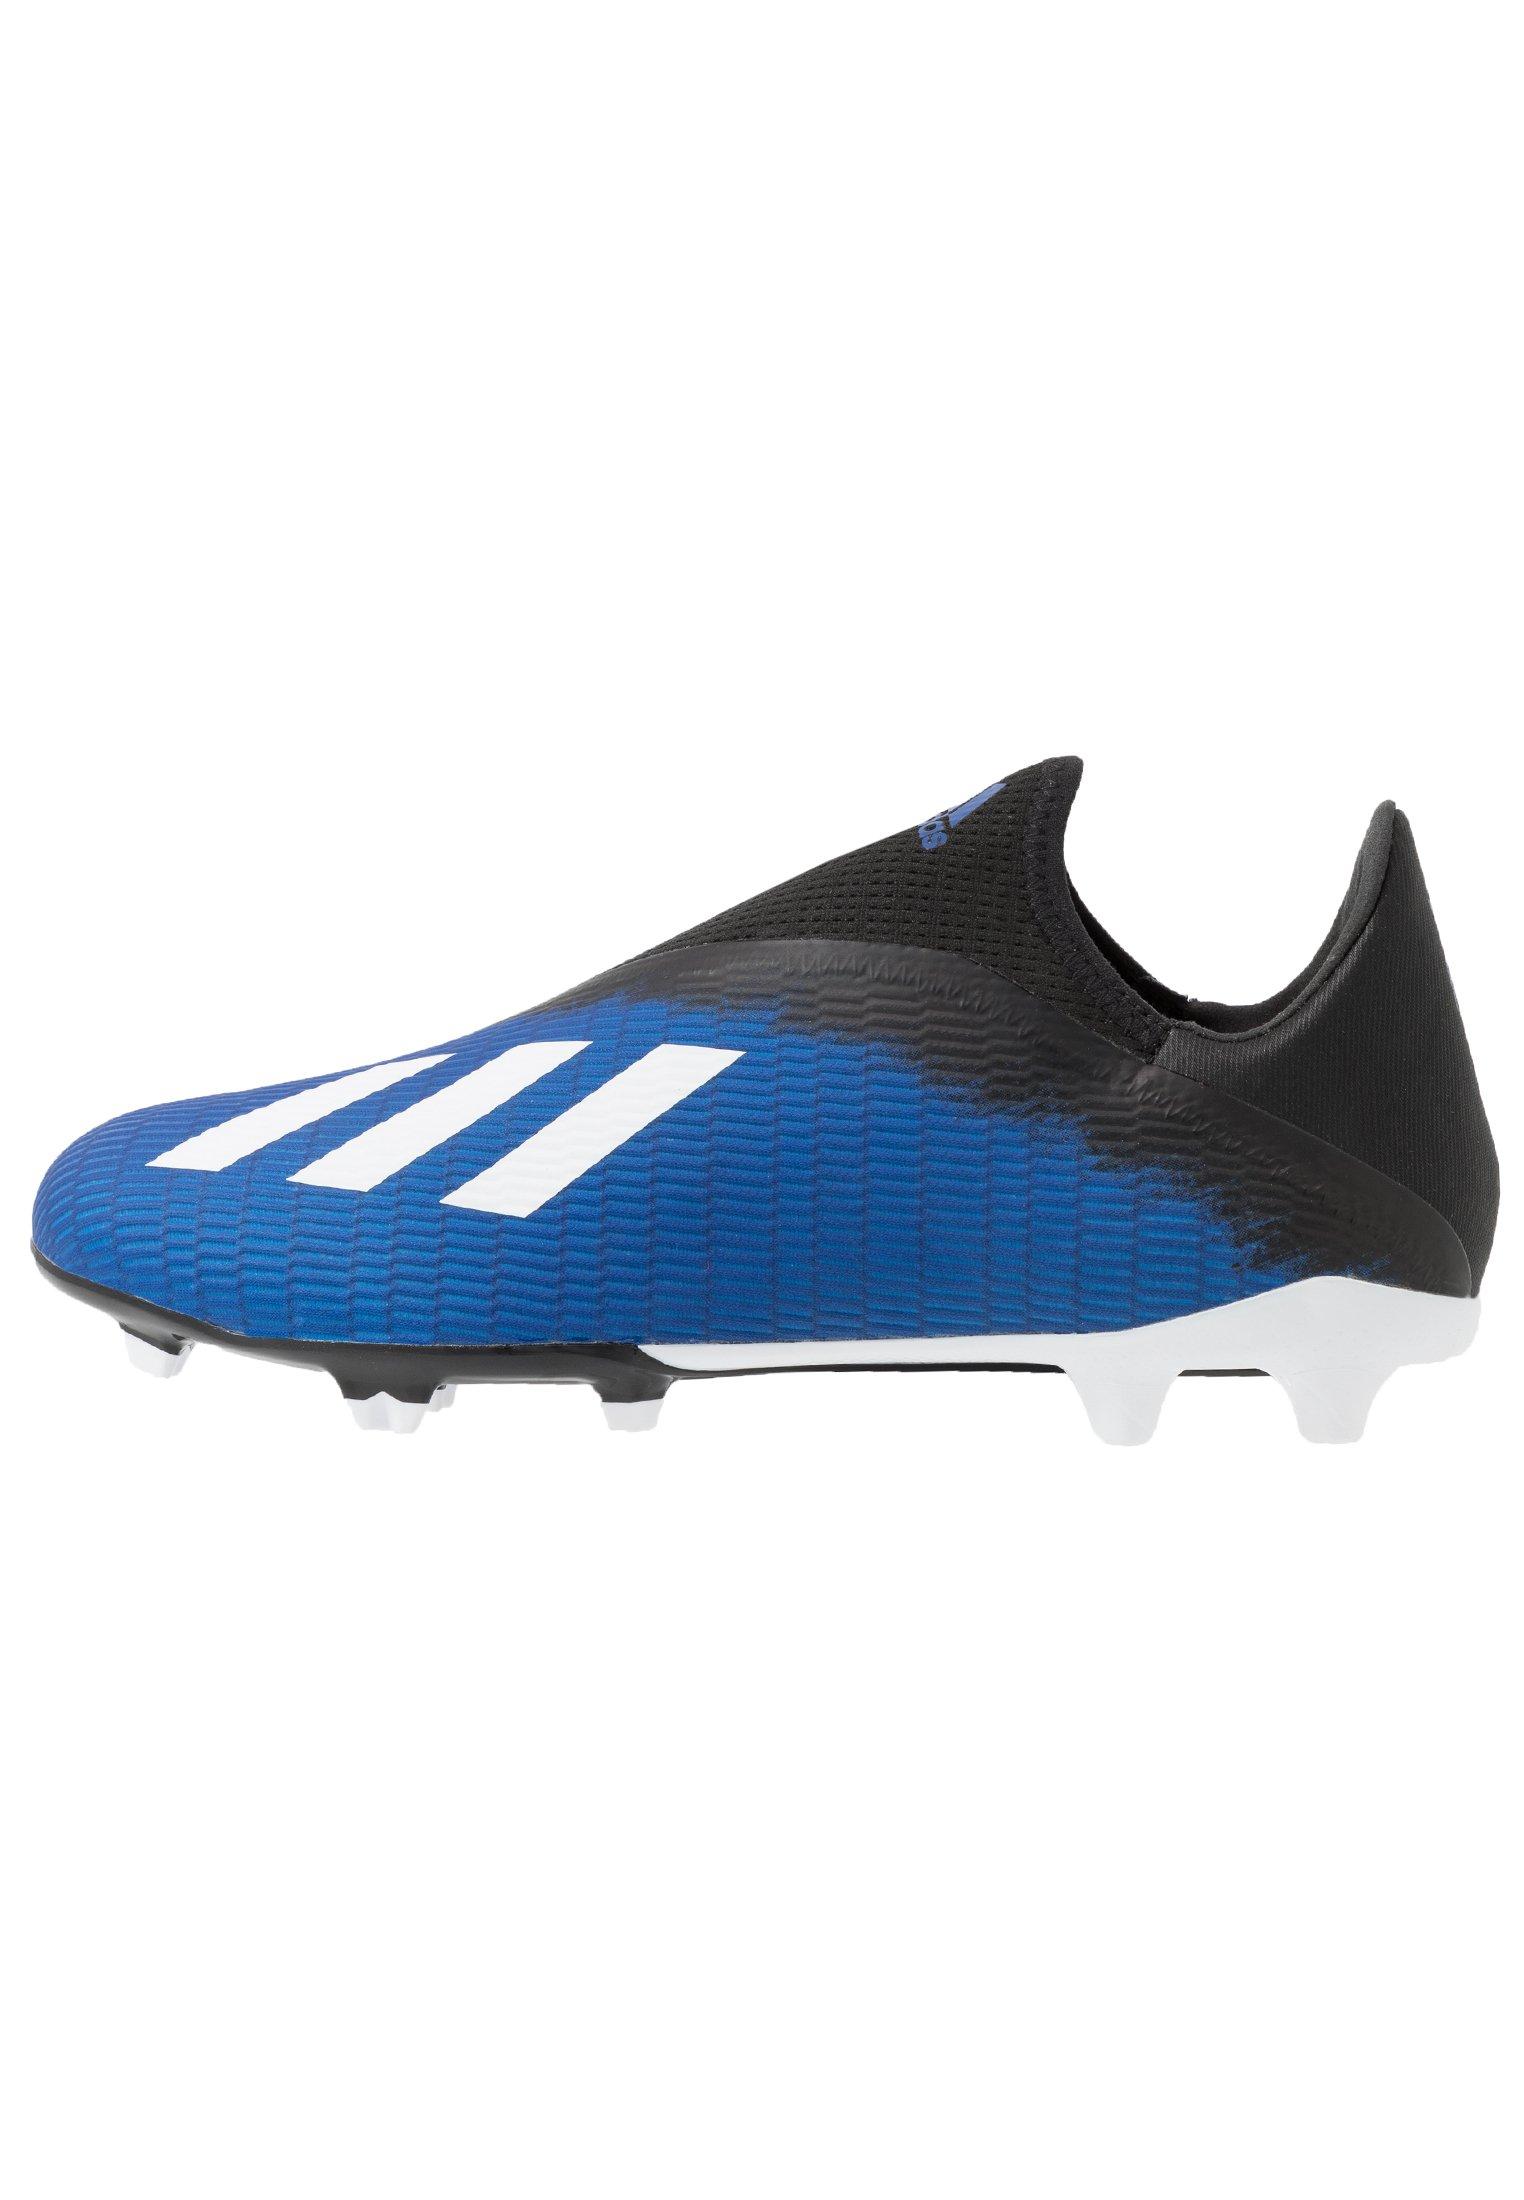 Adidas Performance X 19.3 Ll Fg - Fotbollsskor Fasta Dobbar Royal Blue/footwear White/core Black